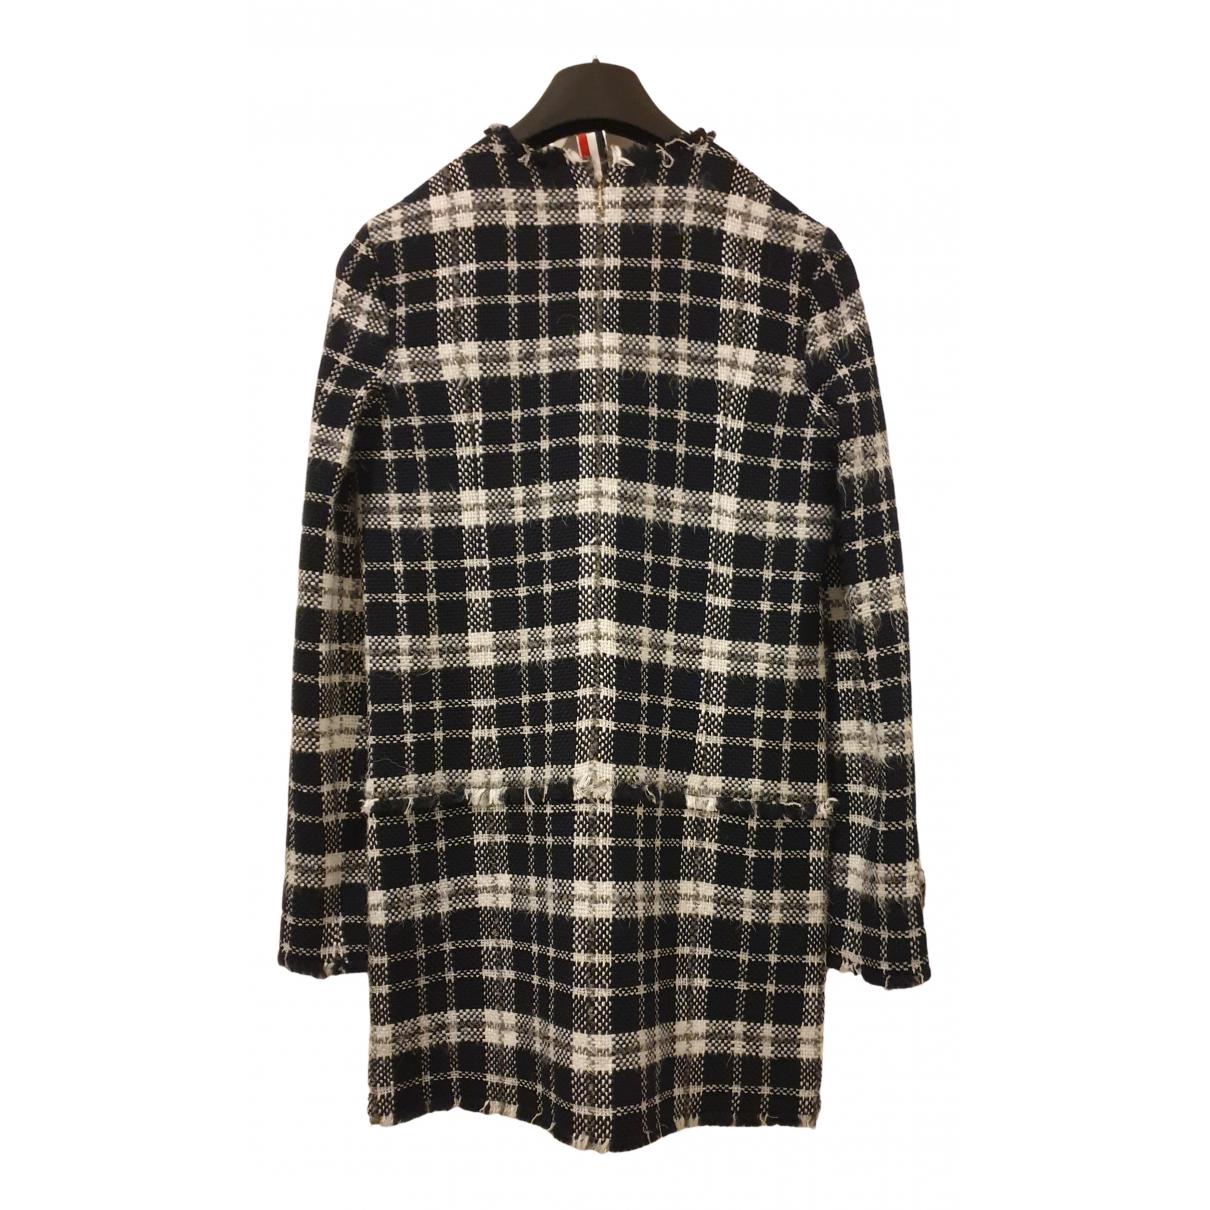 Thom Browne \N Kleid in  Grau Wolle